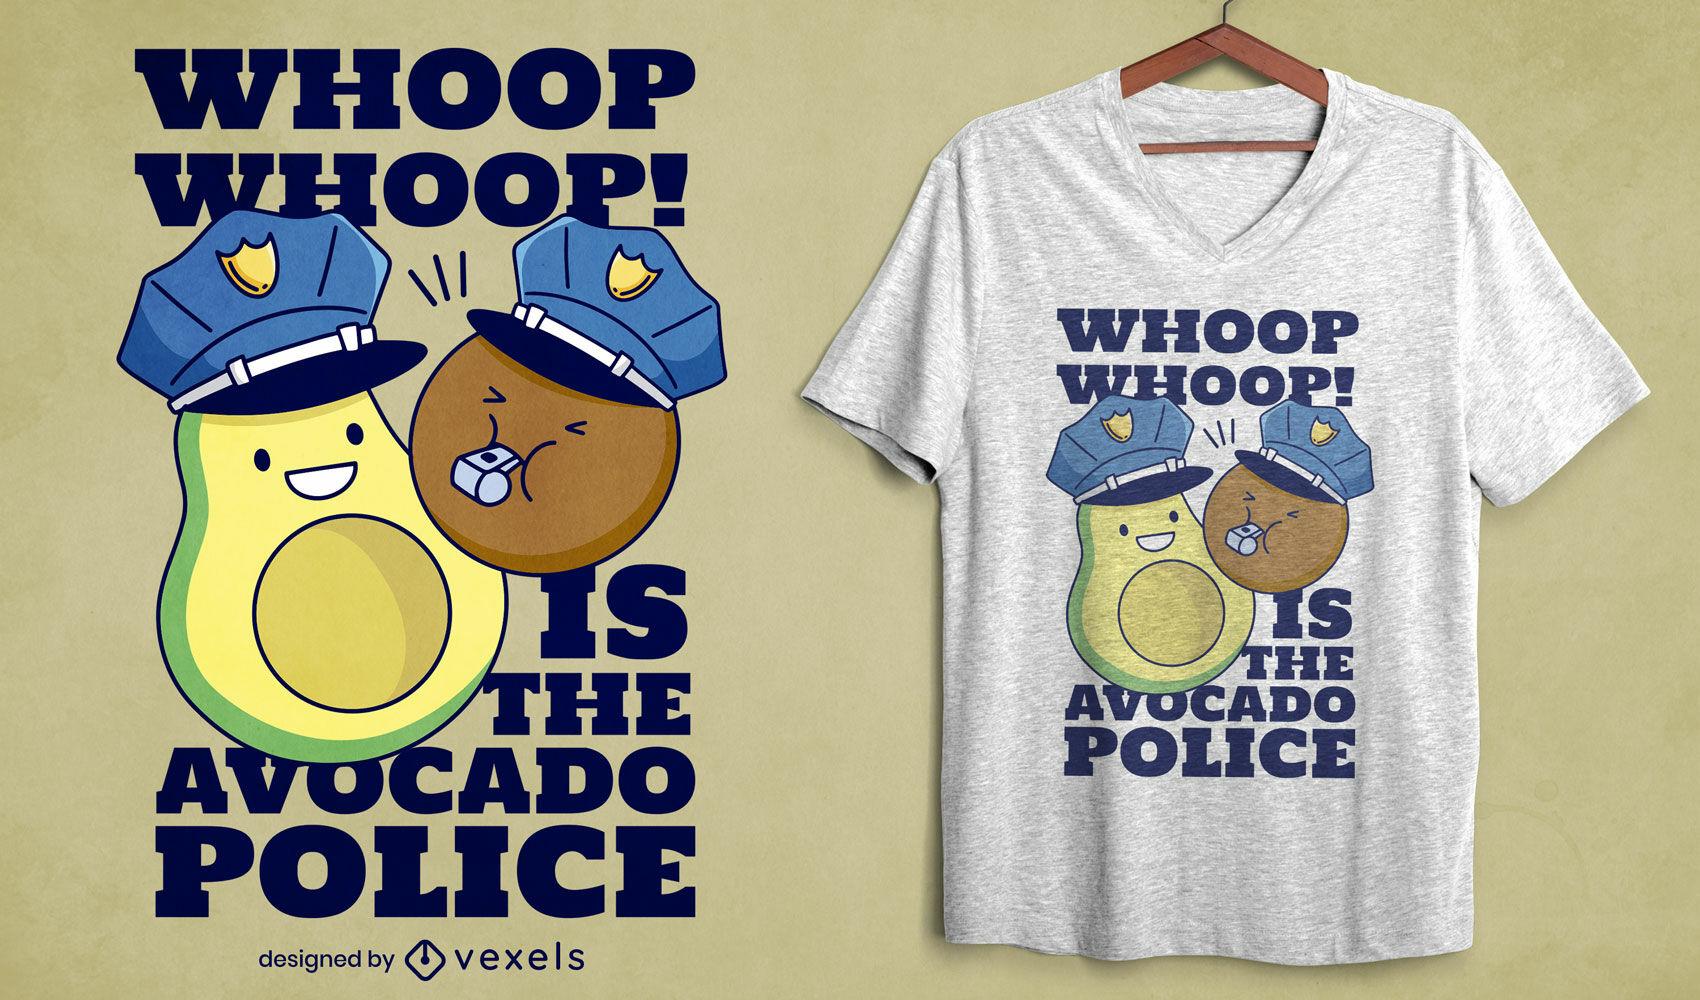 Divertido dise?o de camiseta de polic?a de aguacate.